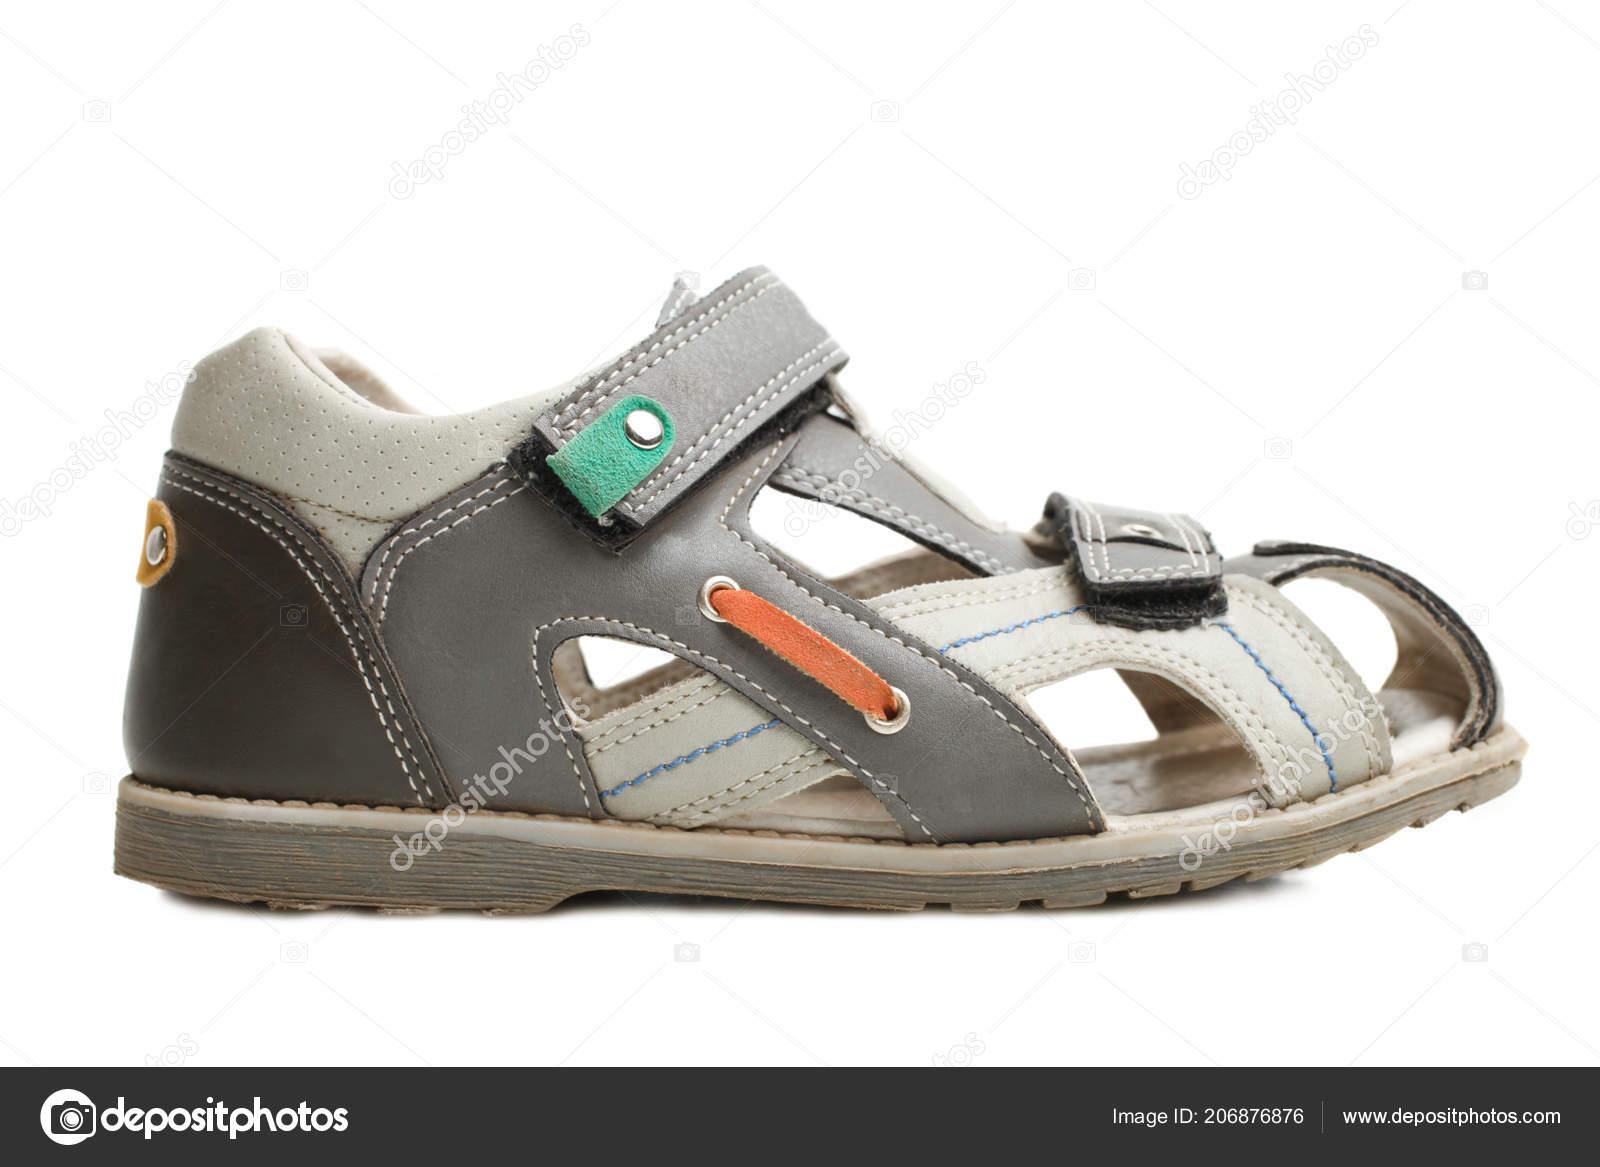 59a7febbcab9b Sandales d été bébé garçon isolé sur blanc. Concept de chaussures pour  enfants — Image de ...